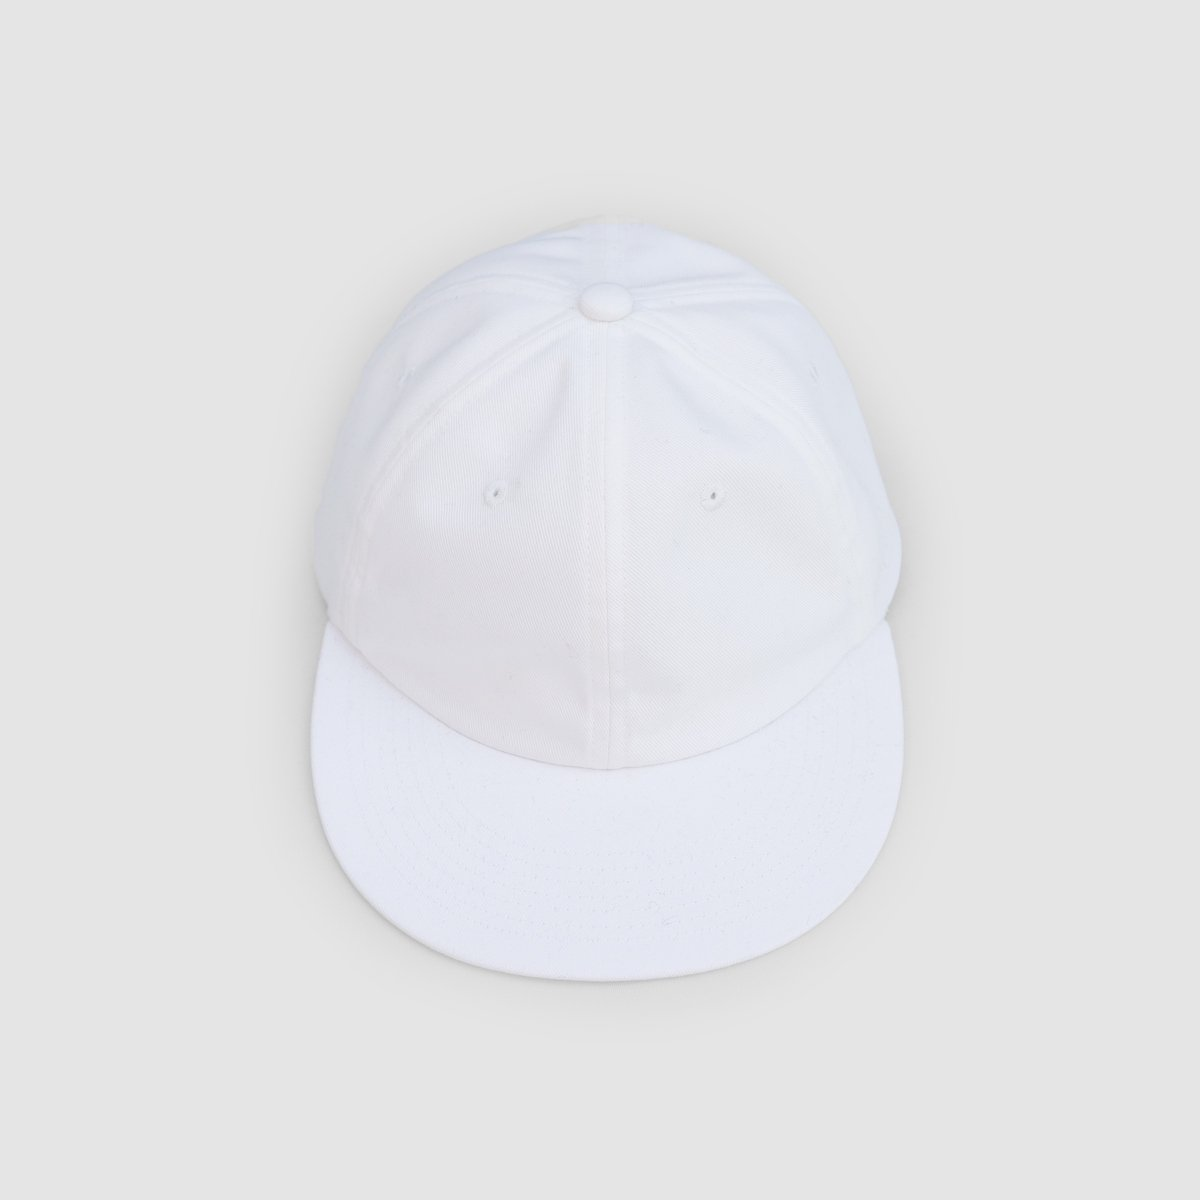 JOBA CAP 詳細画像1